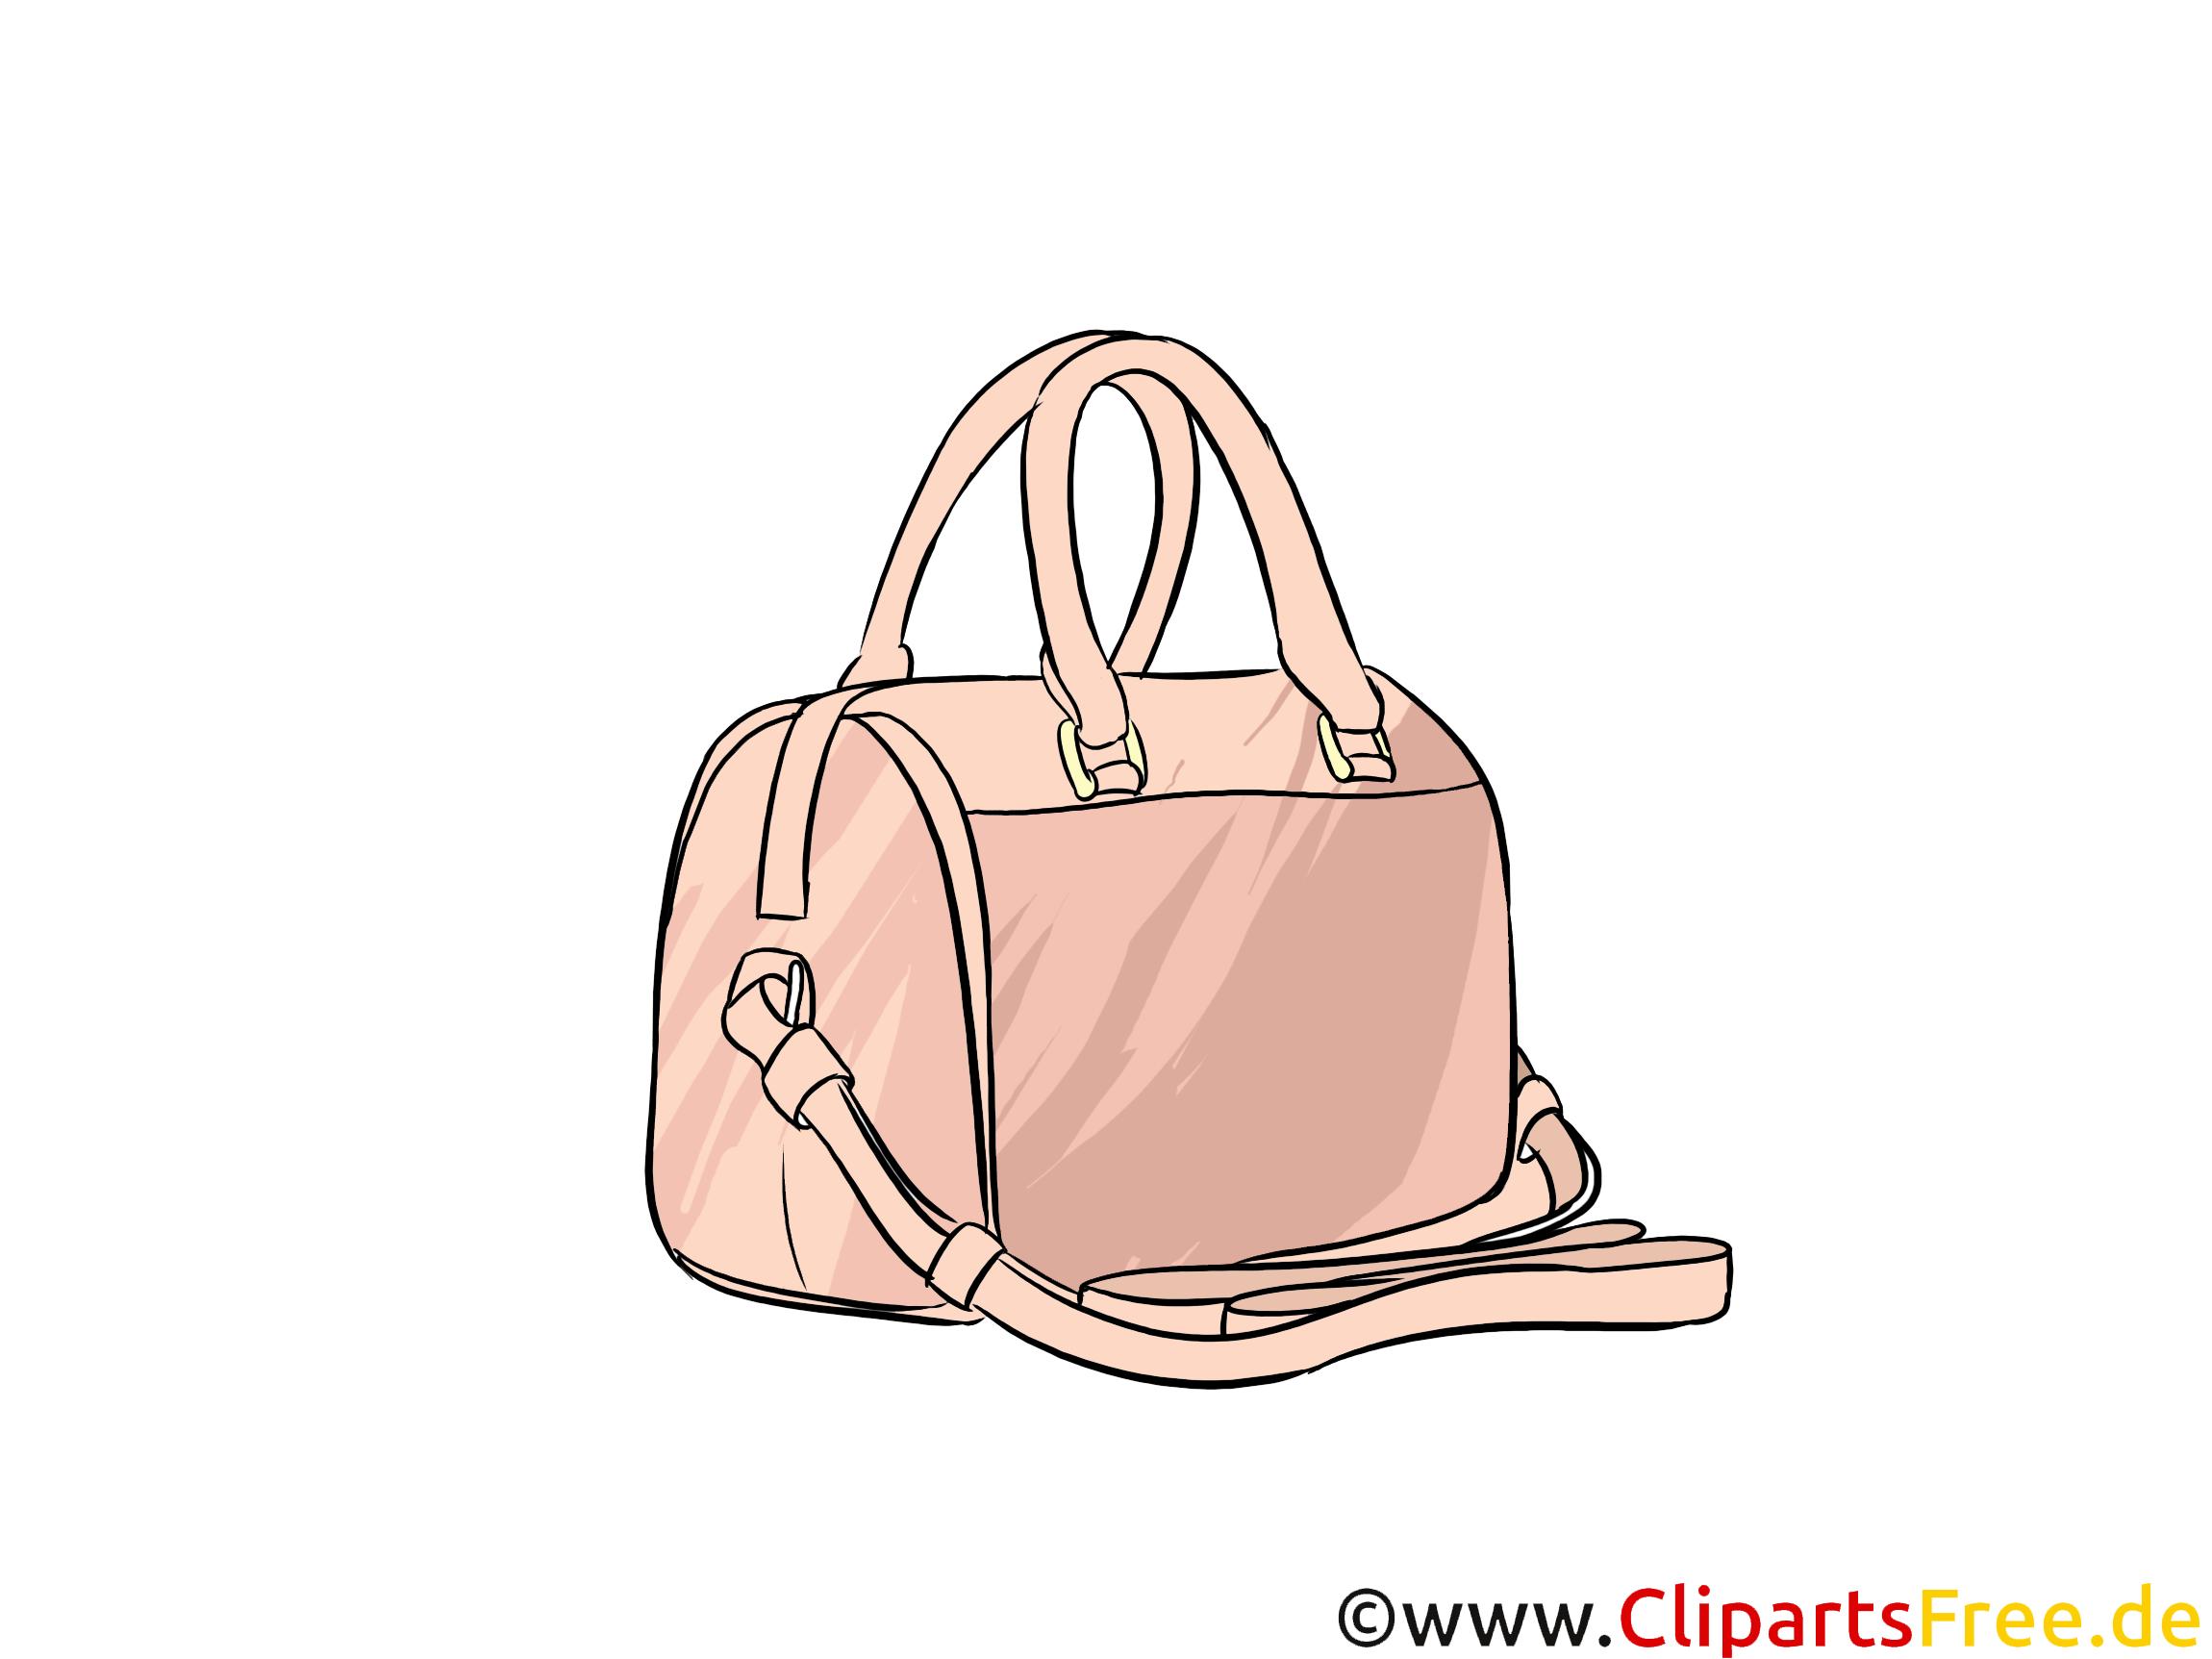 Teuere Handtasche für Frauen Bild, Illustration, Clipart